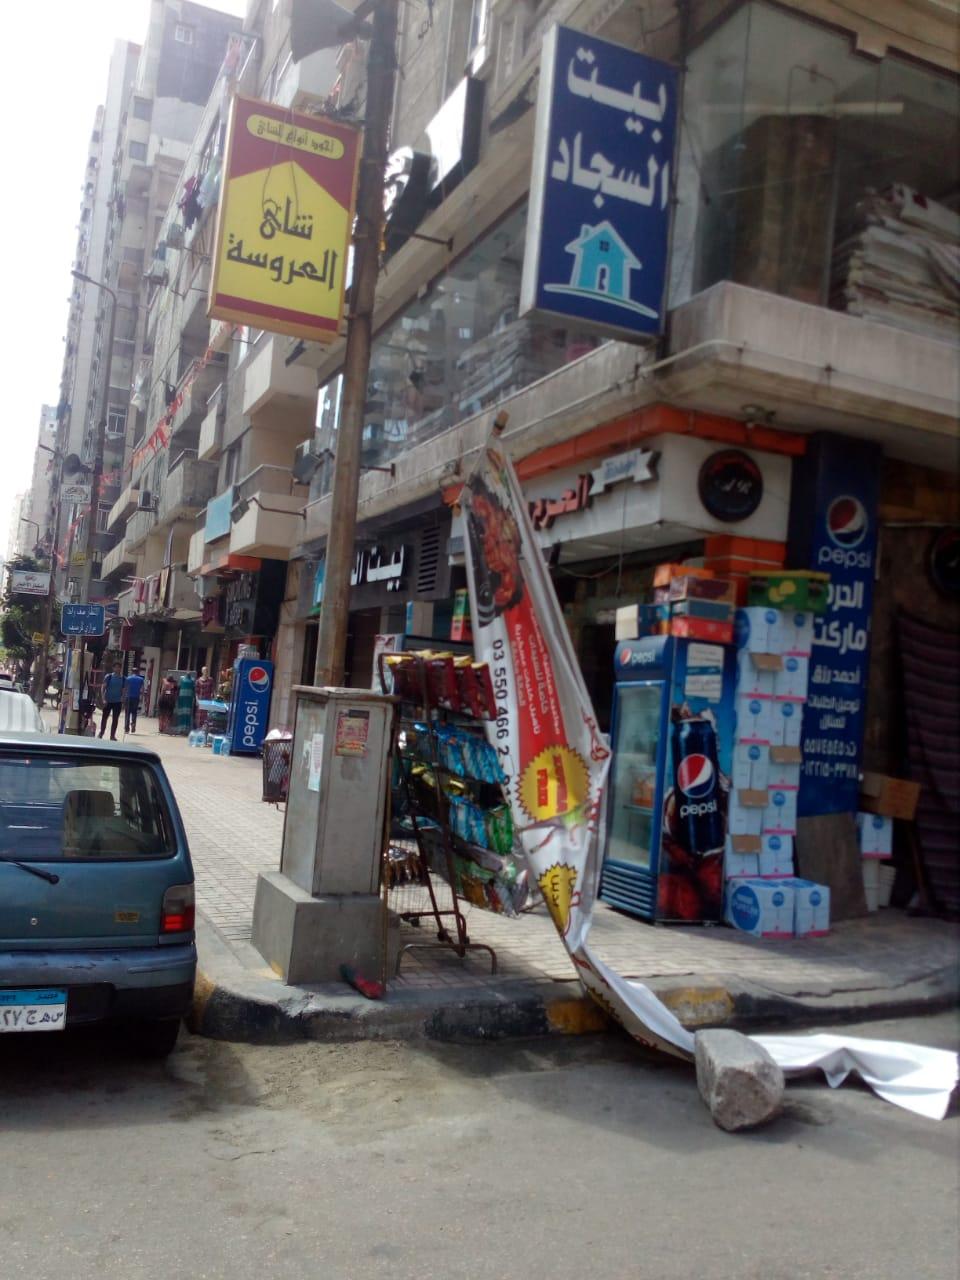 حملات مكبرة وغرامات مالية فورية لإزالة إشغالات الطريق شرق الإسكندرية (3)